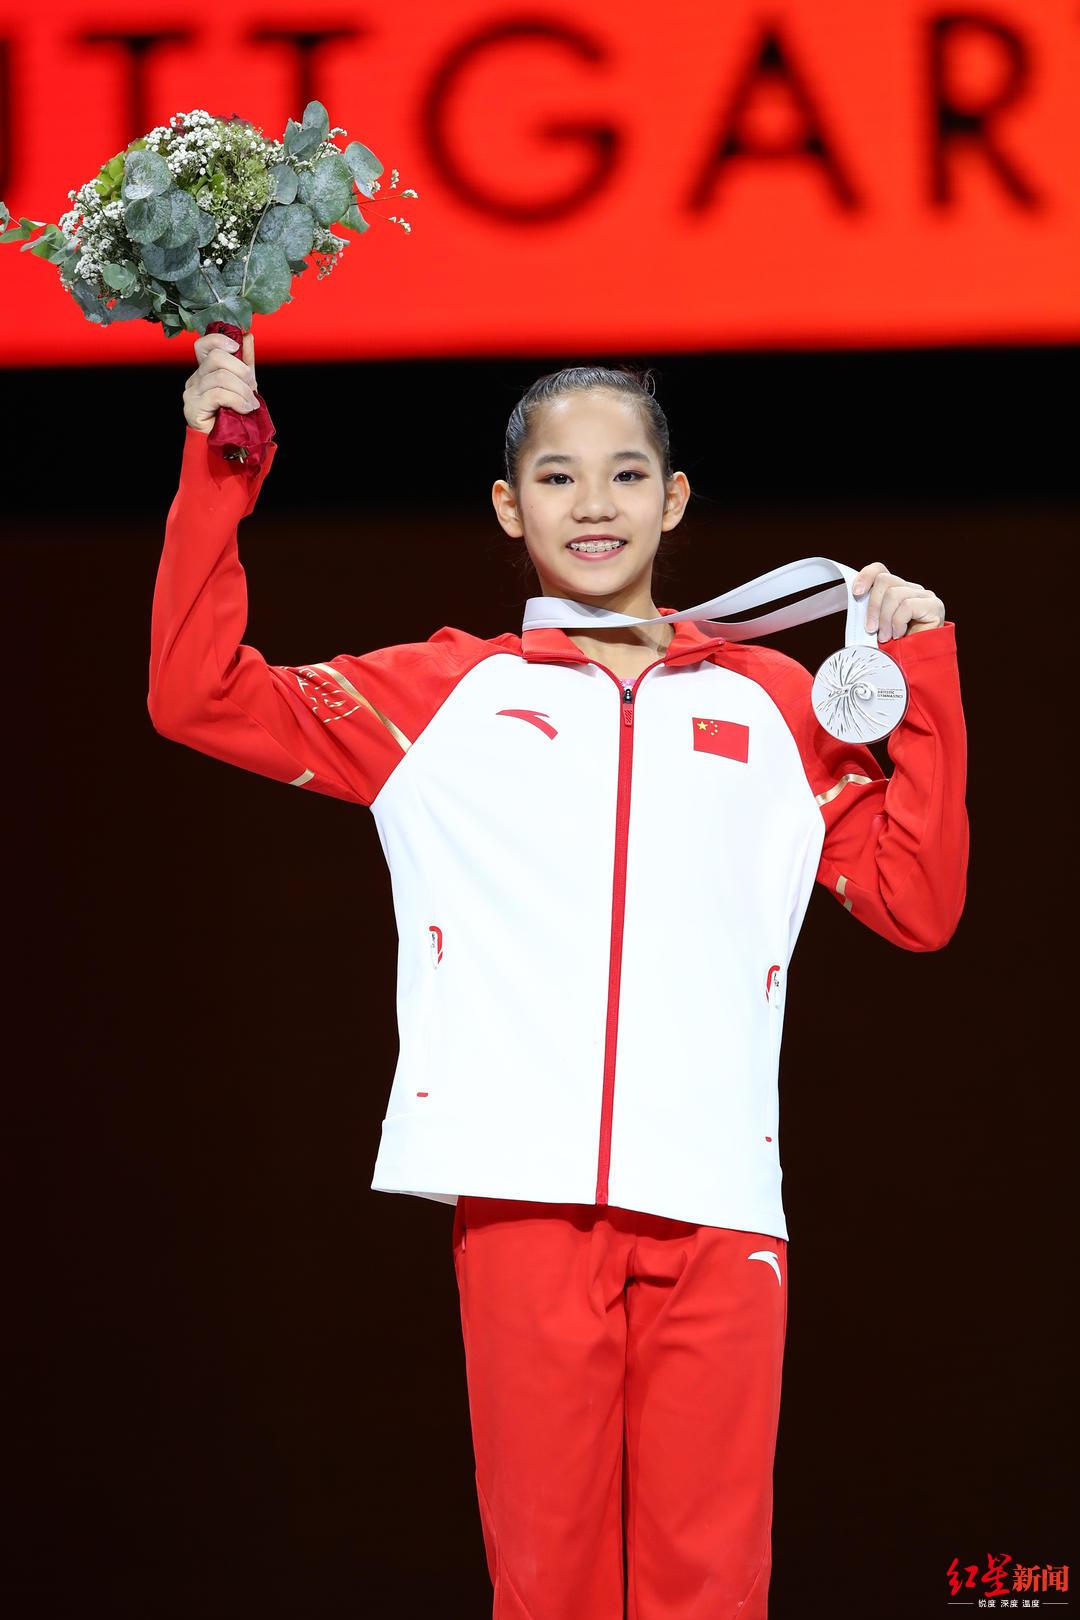 体操世锦赛爆冷!替补小将唐茜靖摘得世锦赛全能银牌